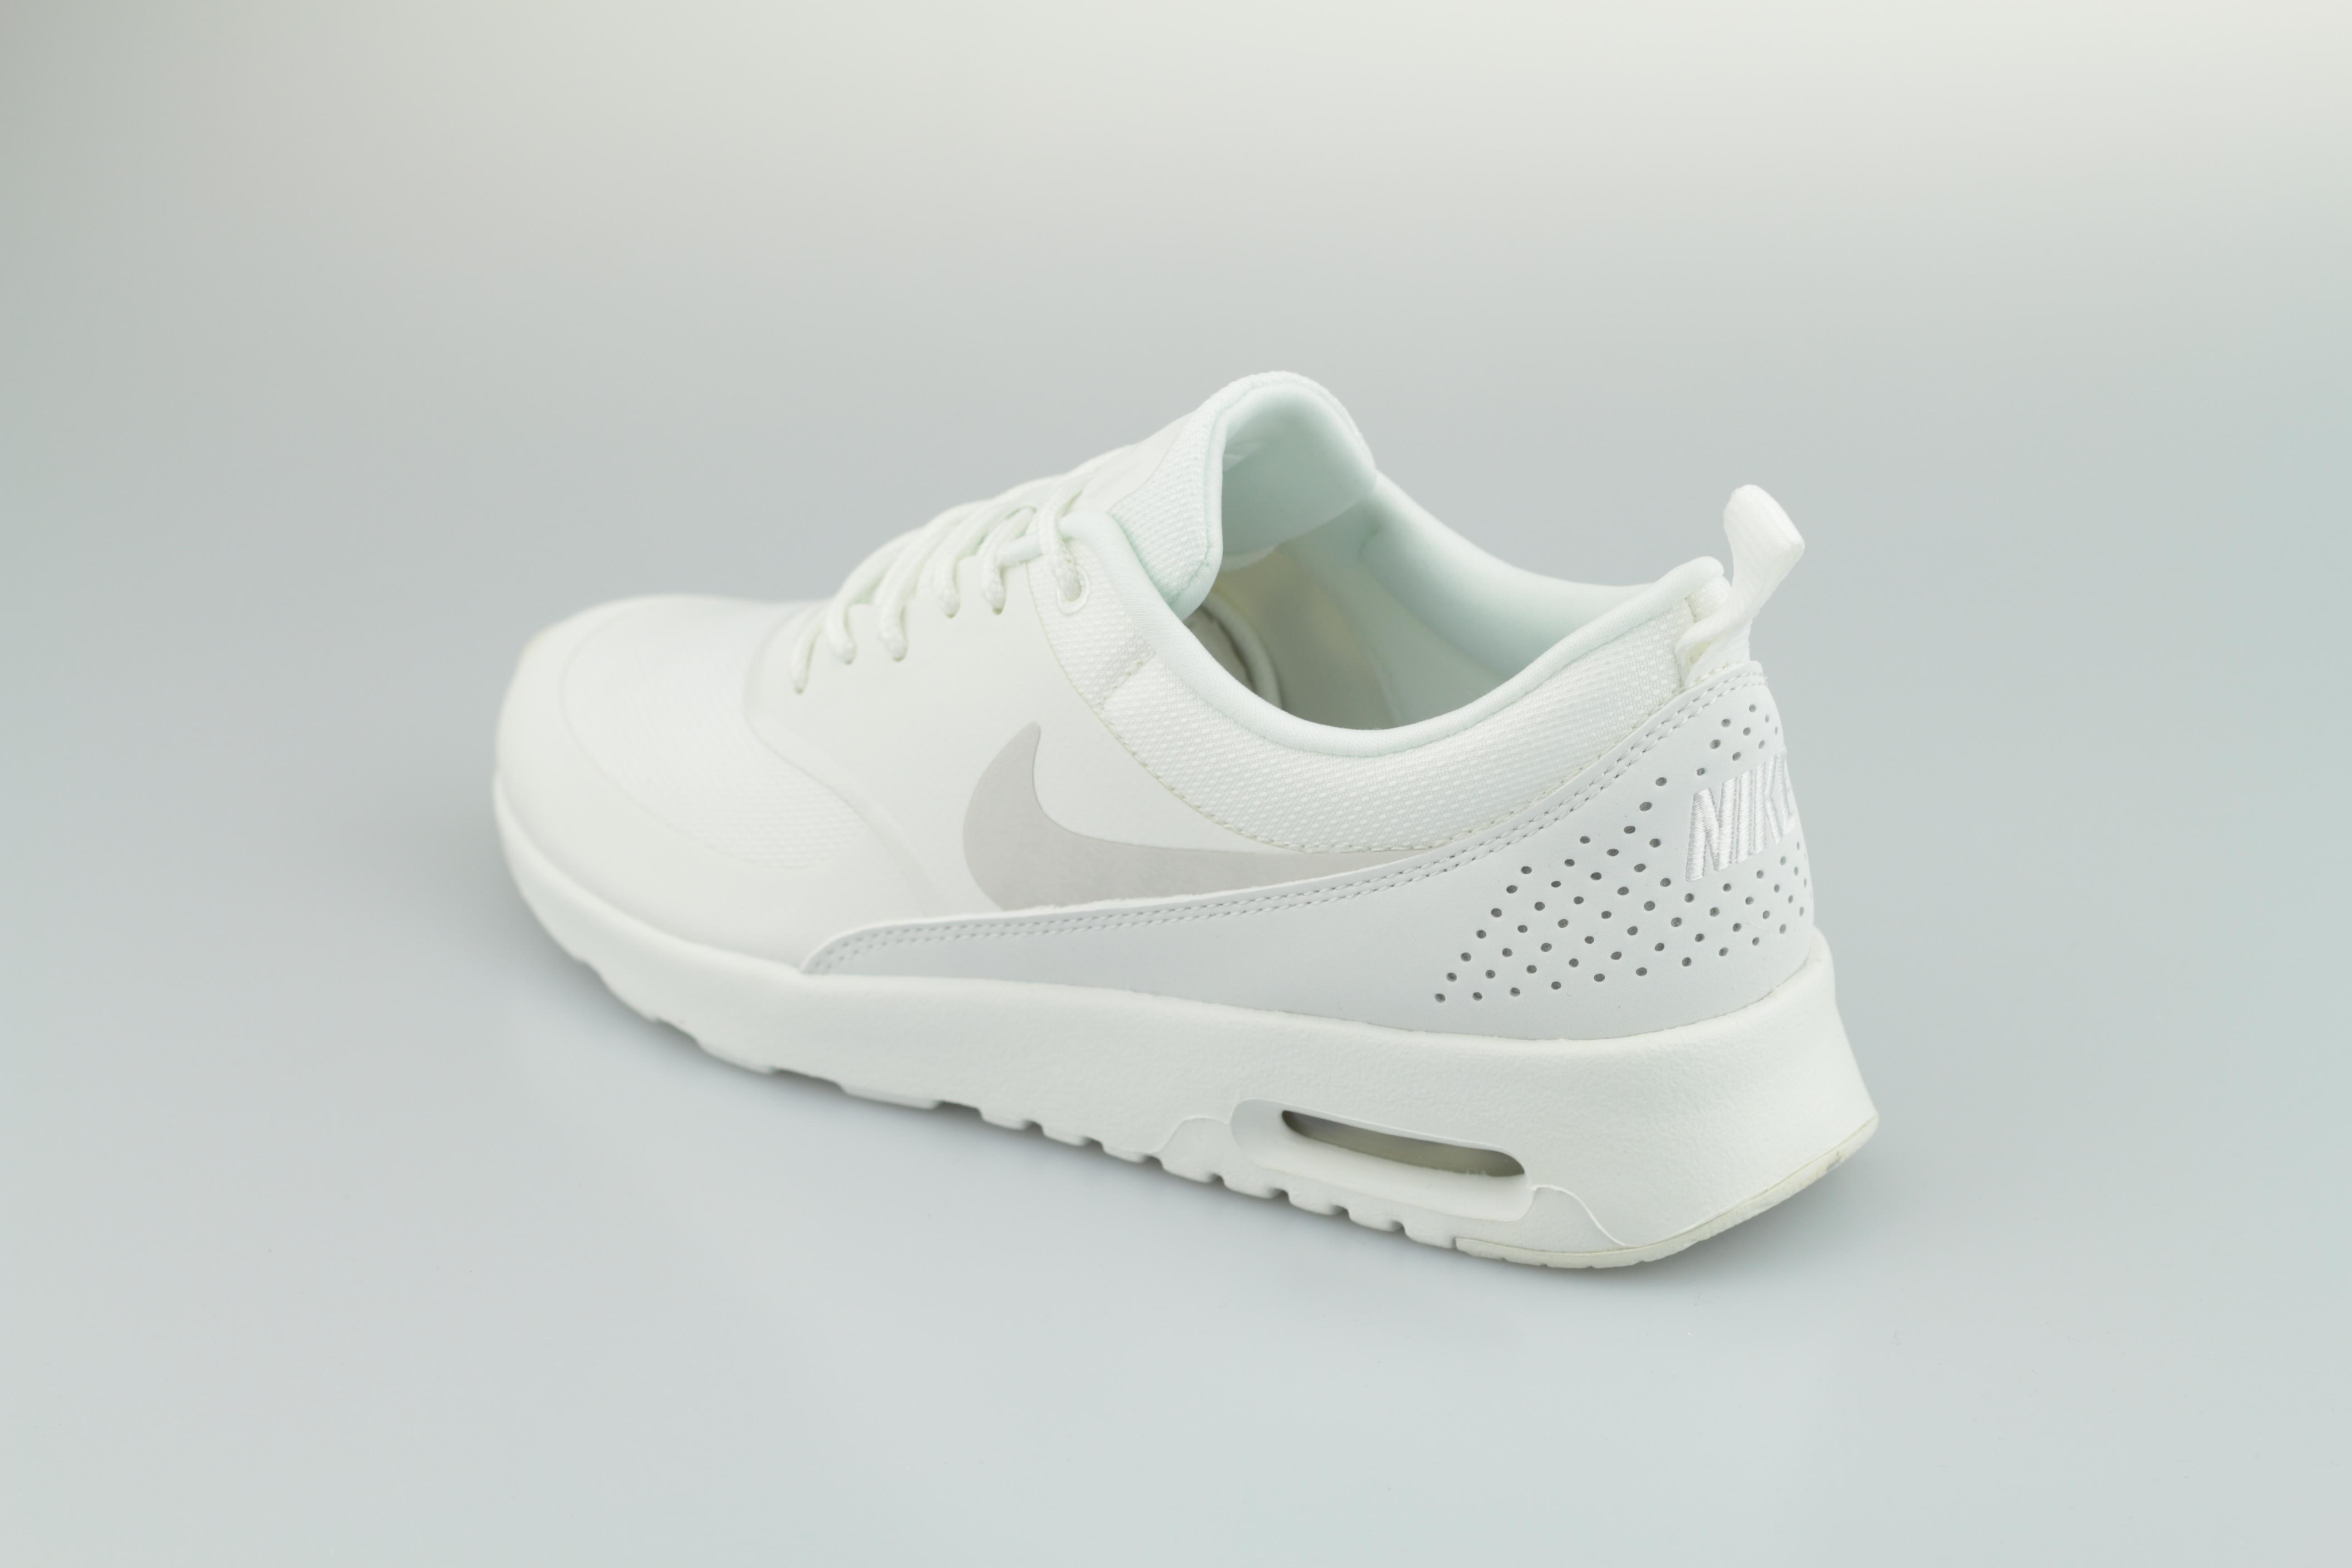 Nike Wmns Air Max Thea cream white, 36